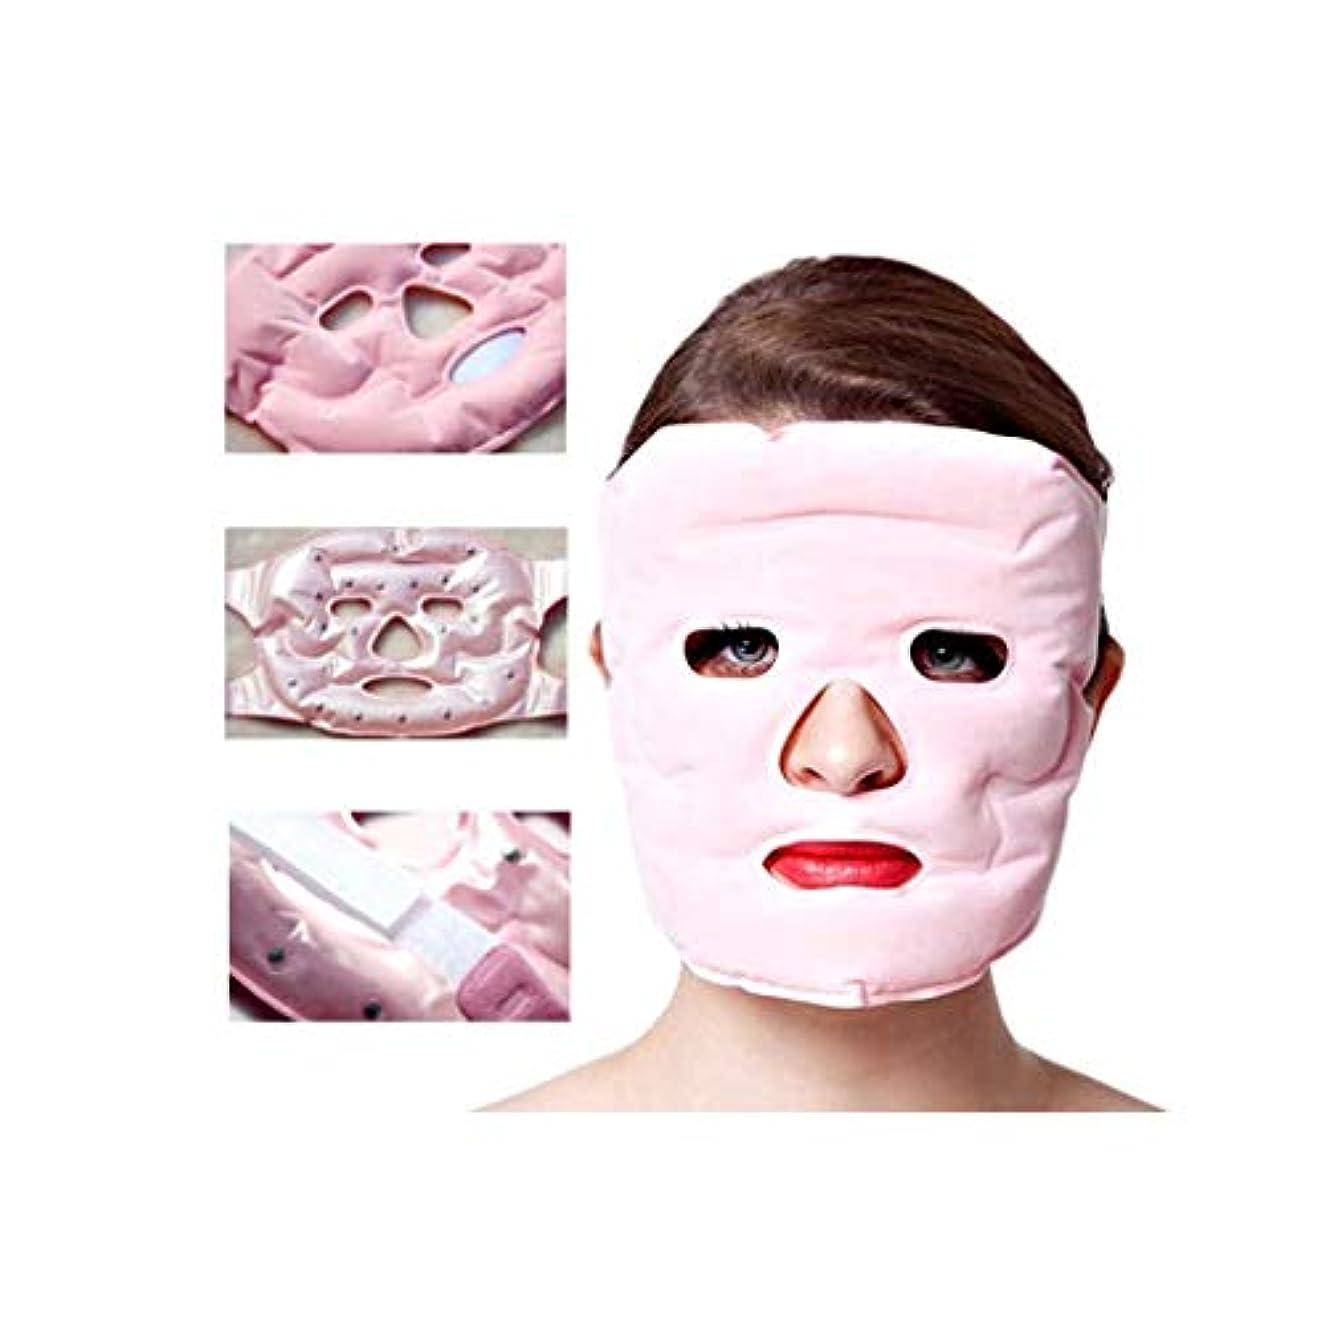 クリップ蝶創始者葉フェイシャルスリミング、Vフェイスマスク、フェイスリフティングビューティーマスク、磁気療法リフティングフェイス、肌の状態を改善するための肌の頬の引き締め